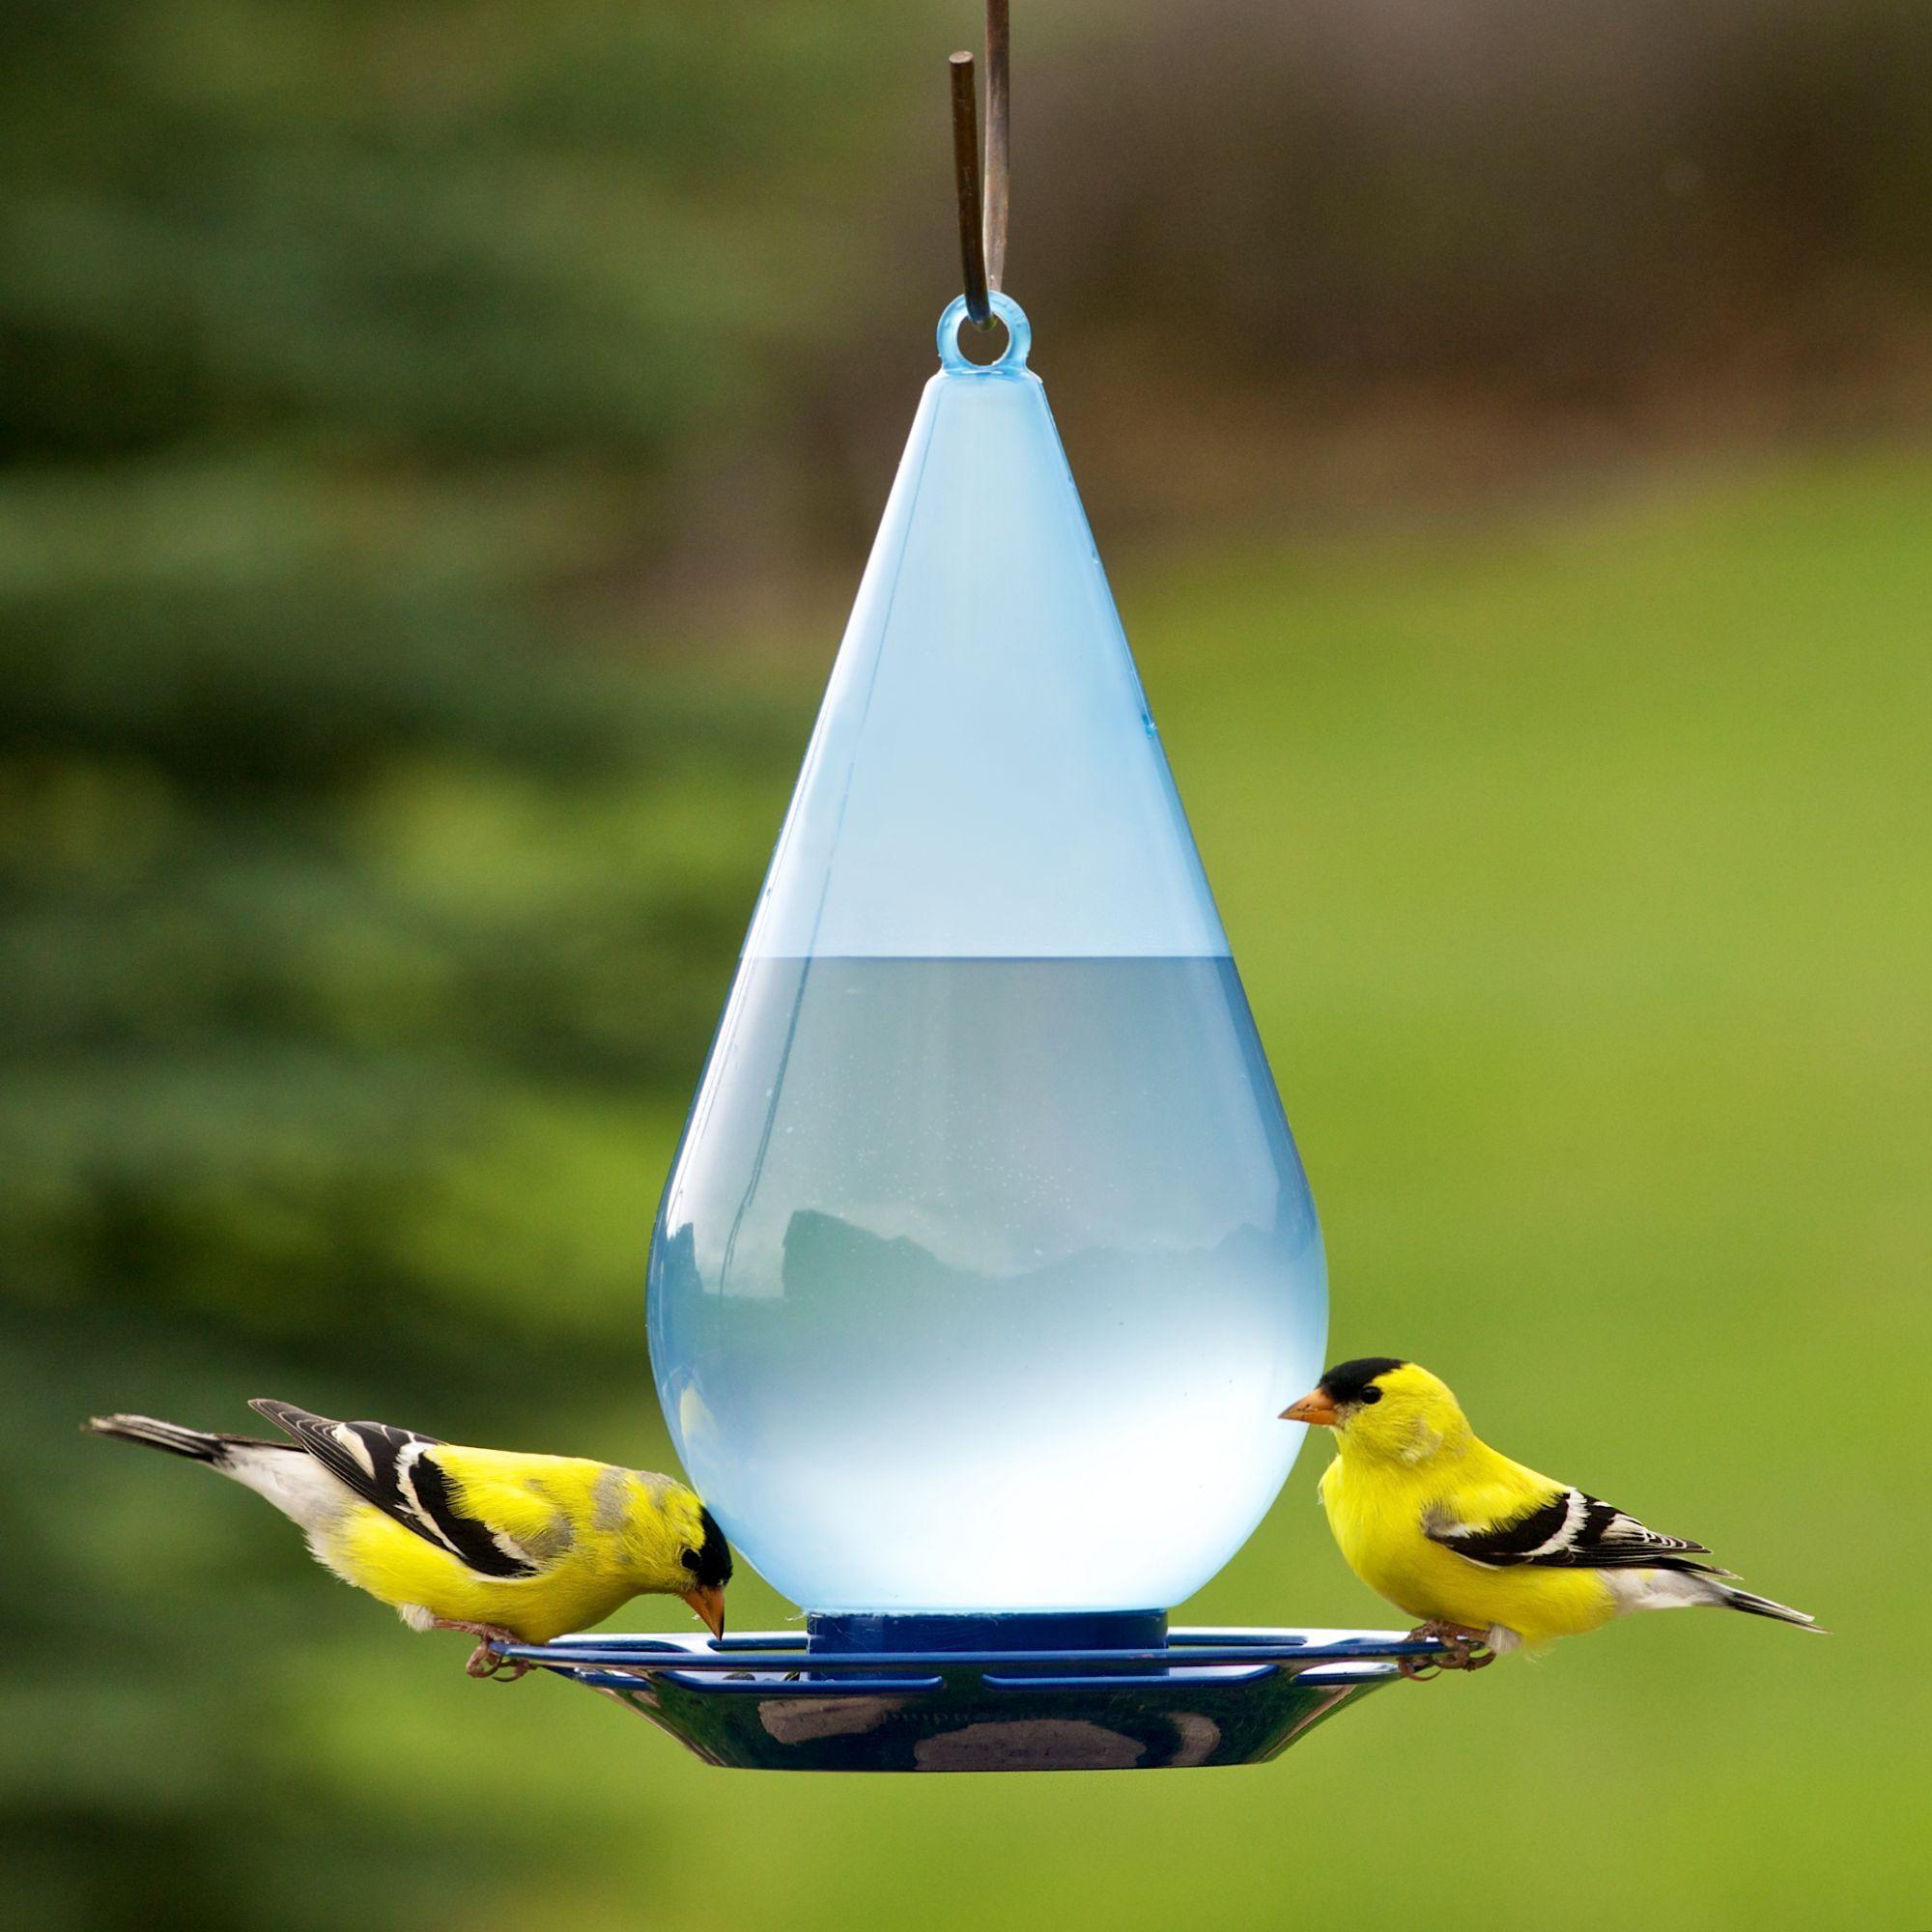 Pin On Bird Stuff